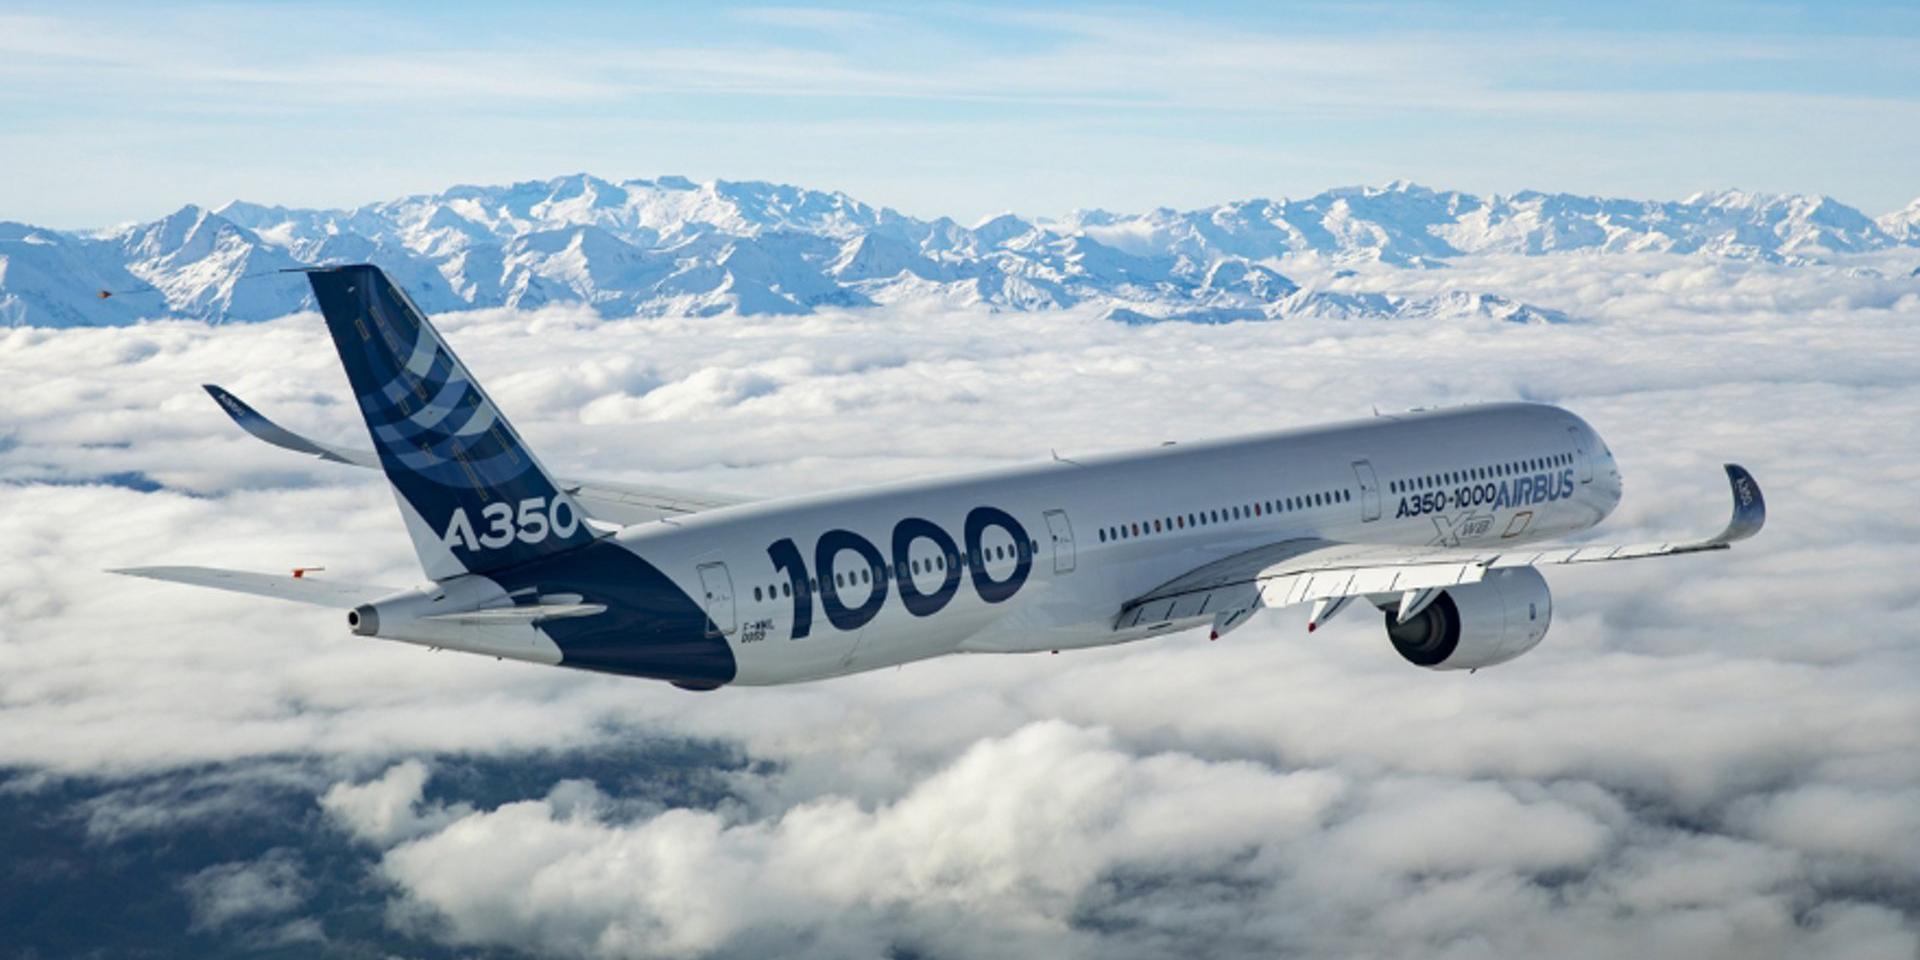 قیمت بلیت هواپیما ارزان میشود/ الزام شرکتهای هواپیمایی به عرضه بلیت ریالی